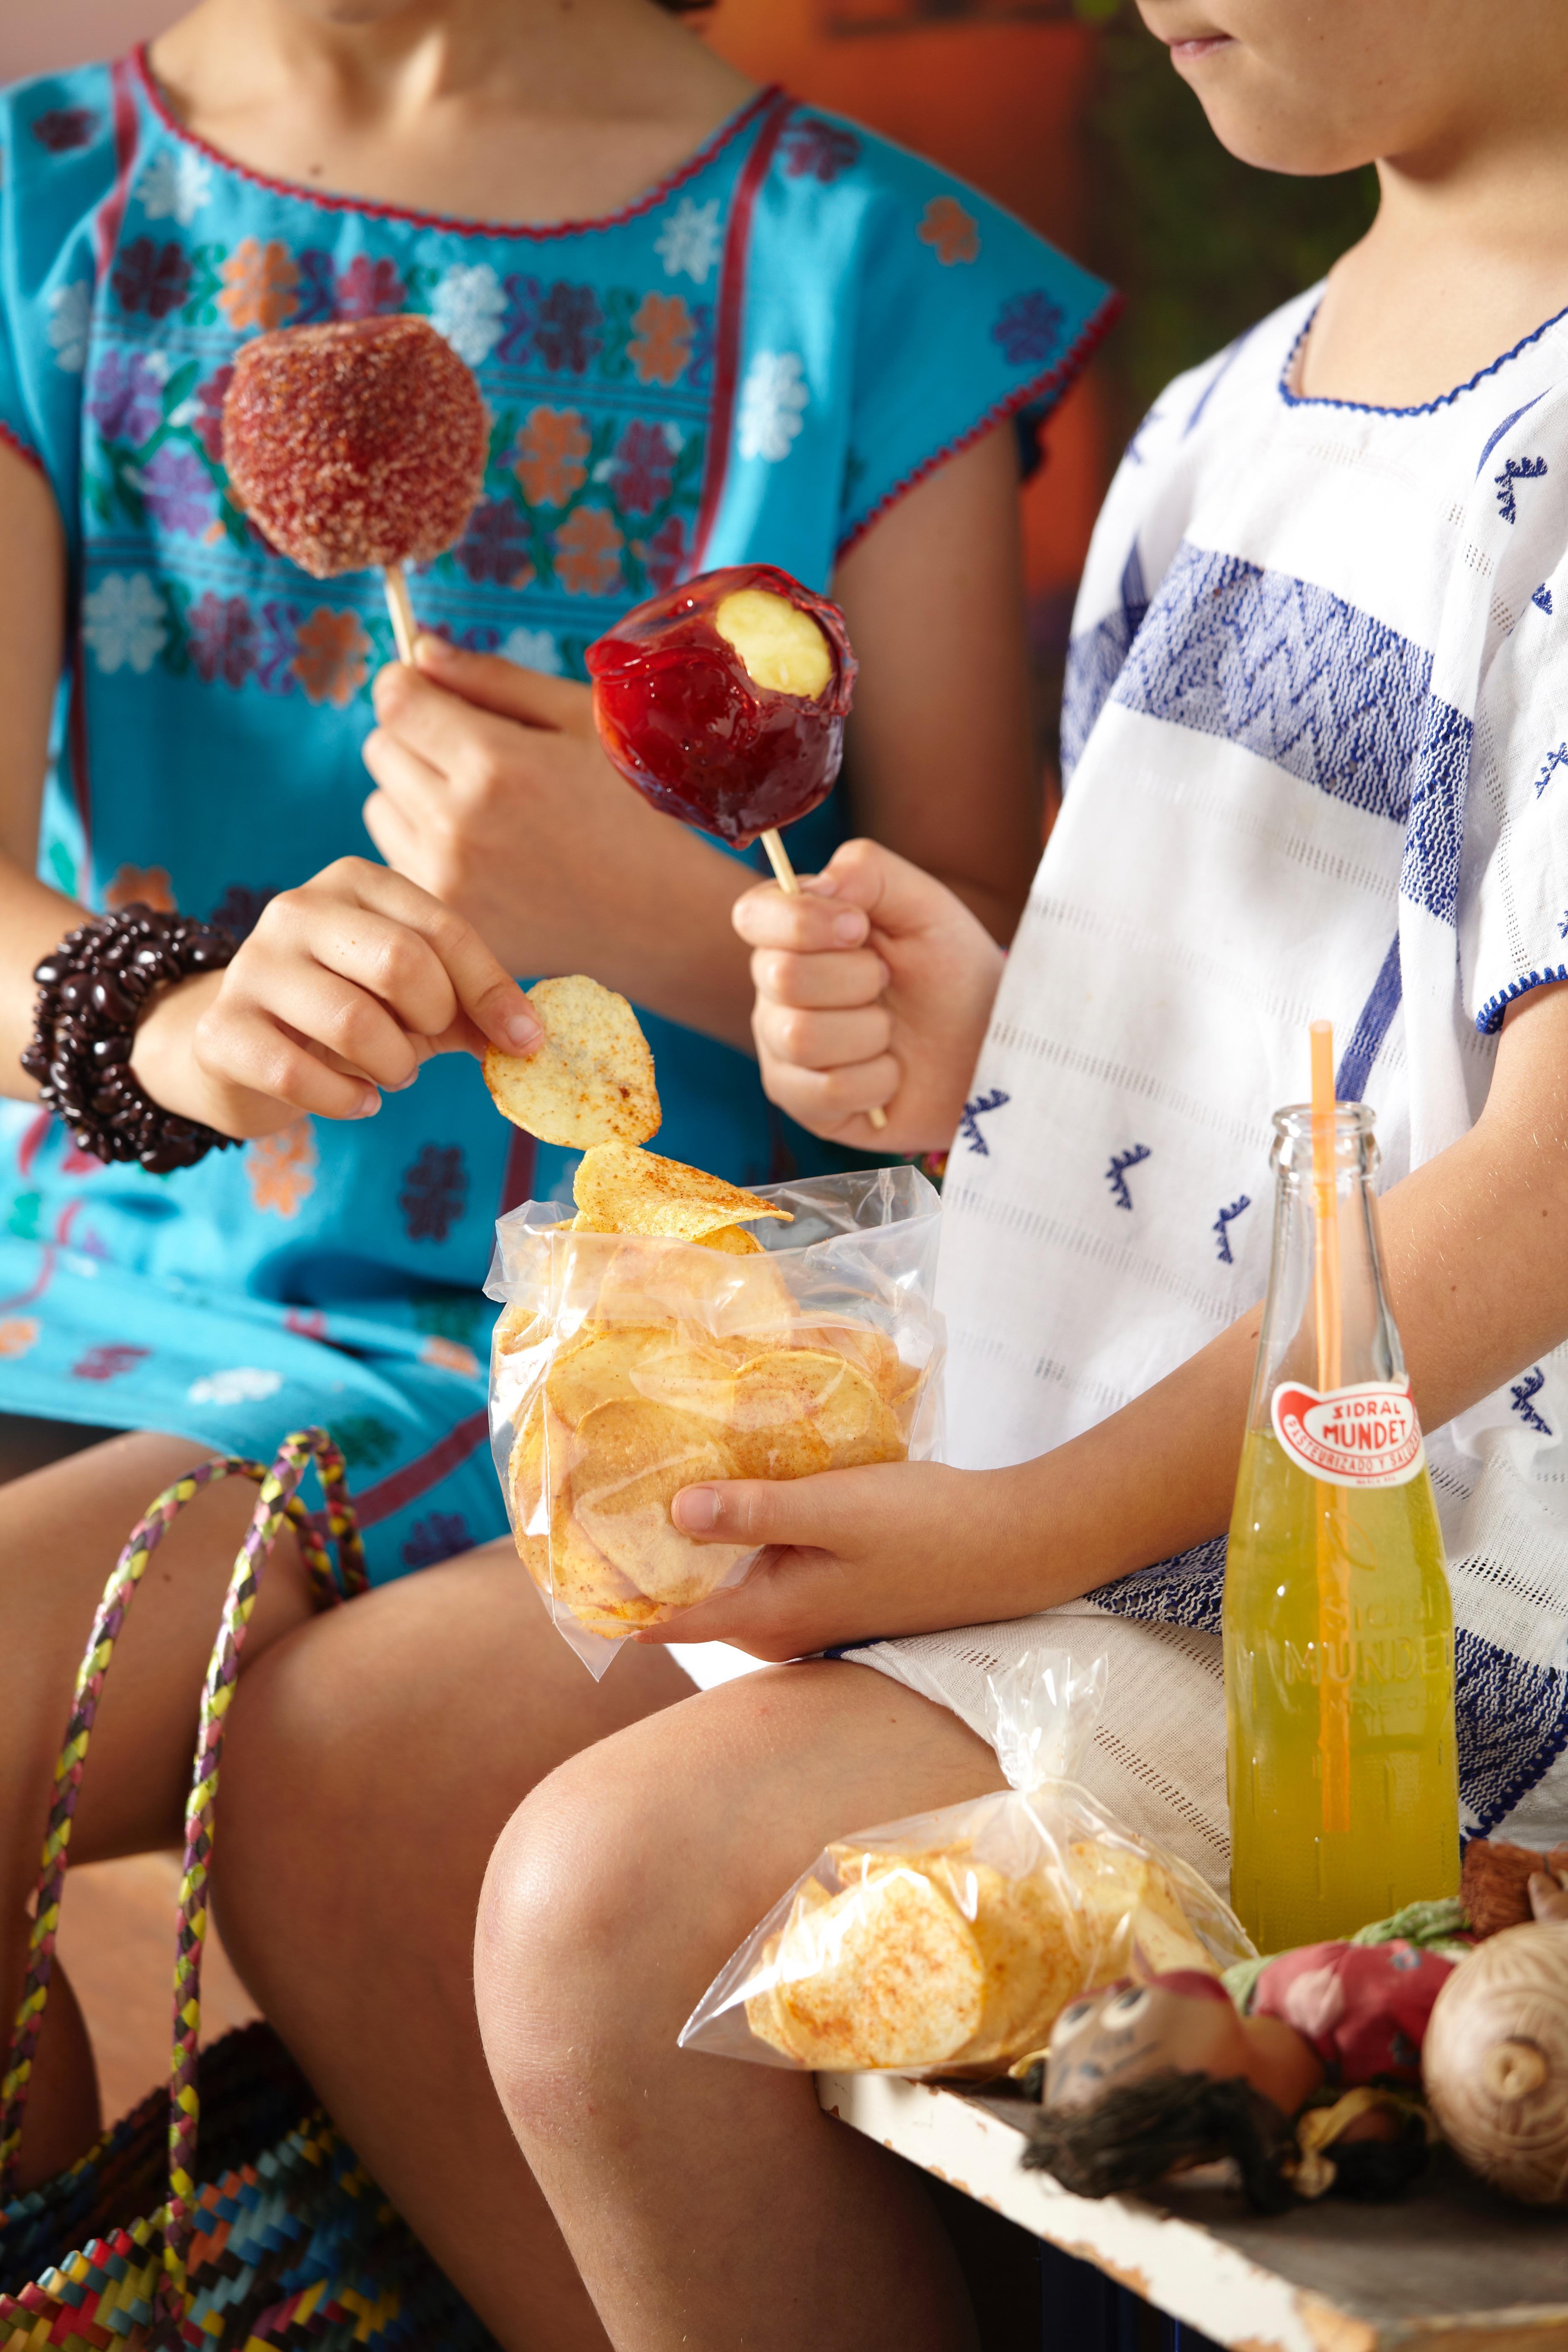 Chamoy potato chips & apples